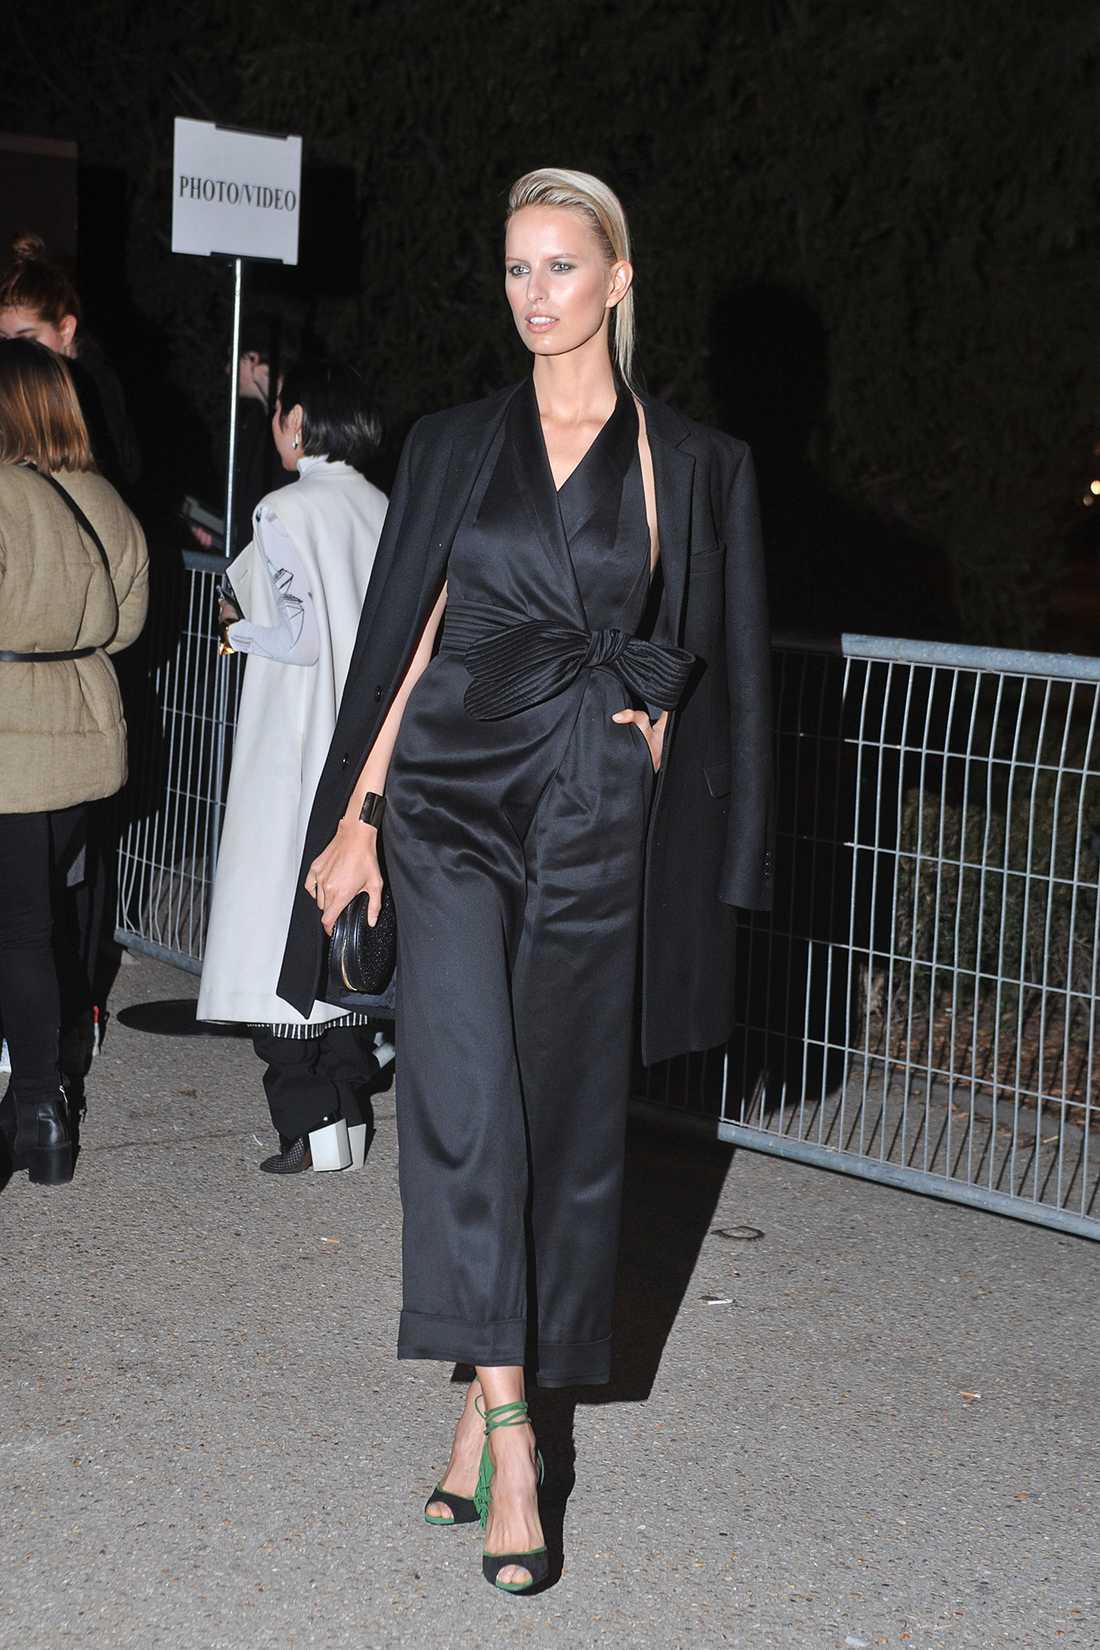 Karolina Kurkova Karolina körde på en cool kvällslook i en svart jumpsuit med brett skärp till H&M:s visning i Paris.